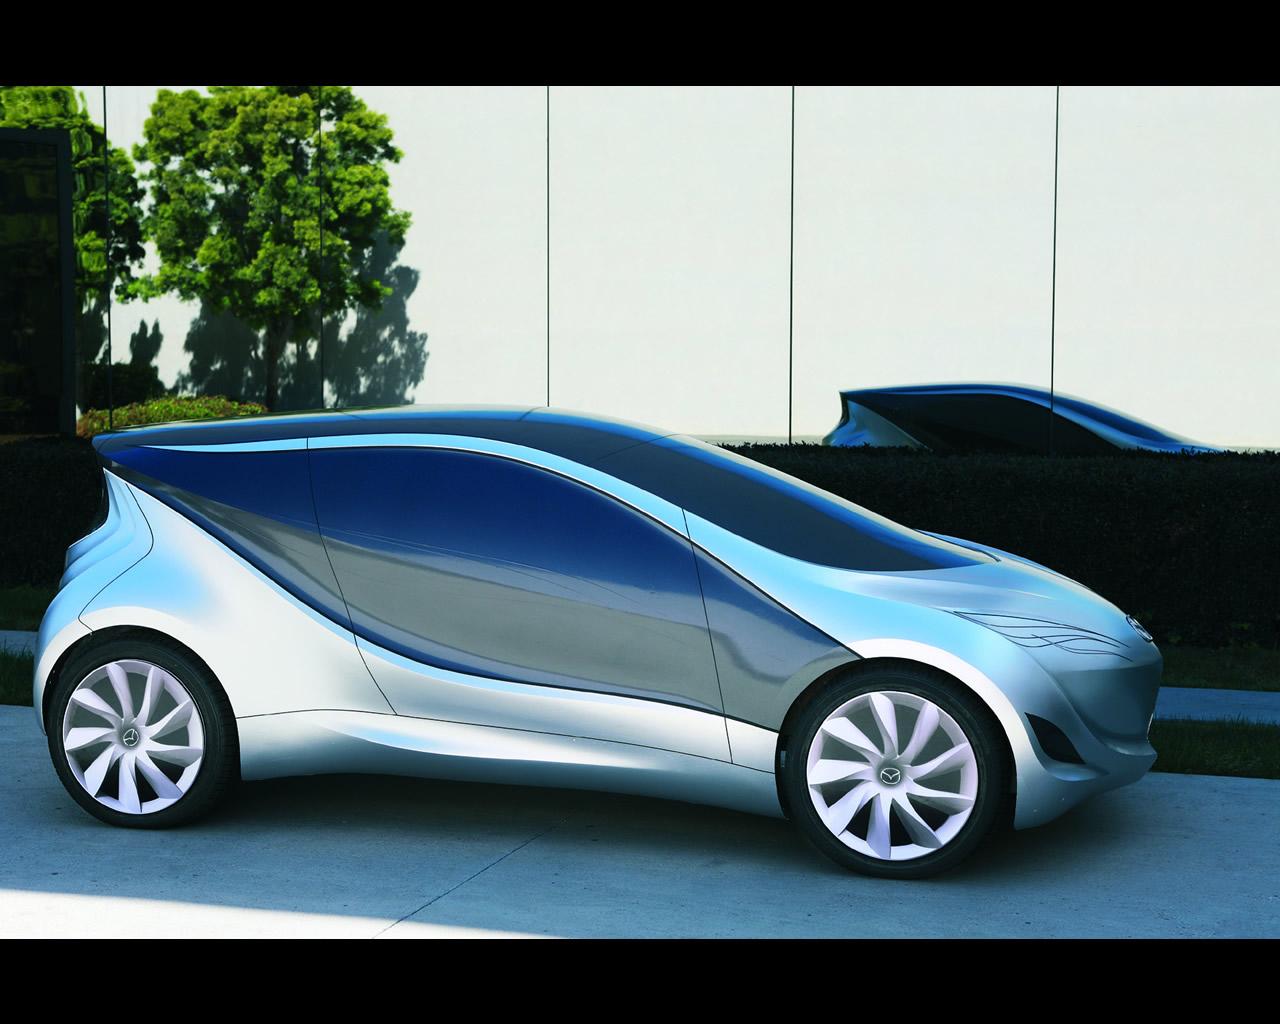 http://autoconcept-reviews.com/cars_reviews/mazda/mazda-kiyora-concept-2008/wallpaper/Mazda_Kiyora_Model1.jpg